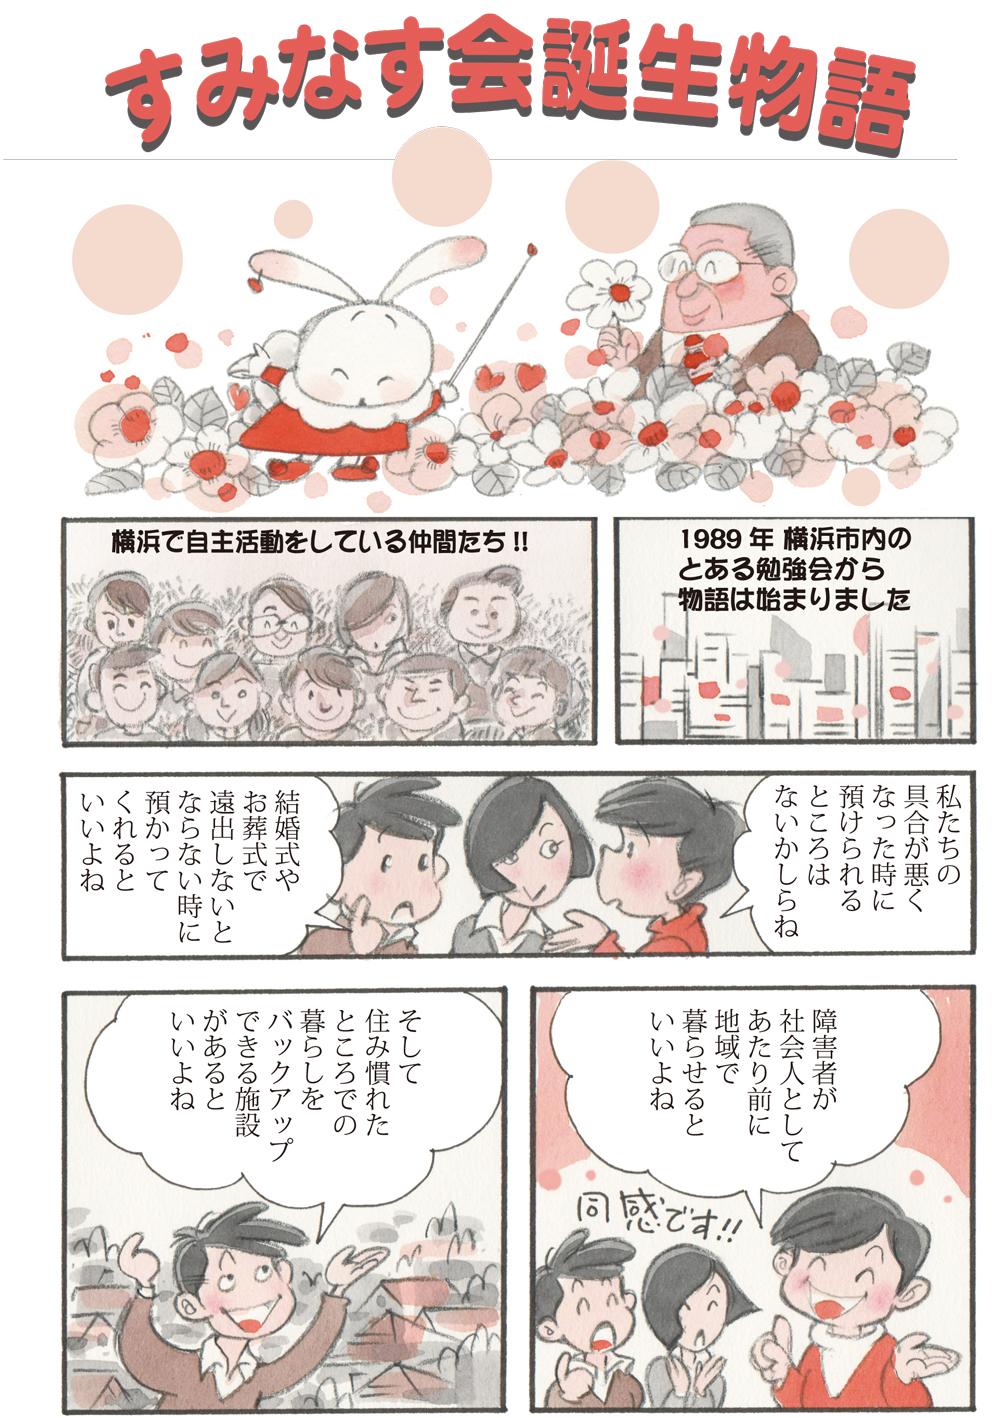 すみなす会誕生物語 1p